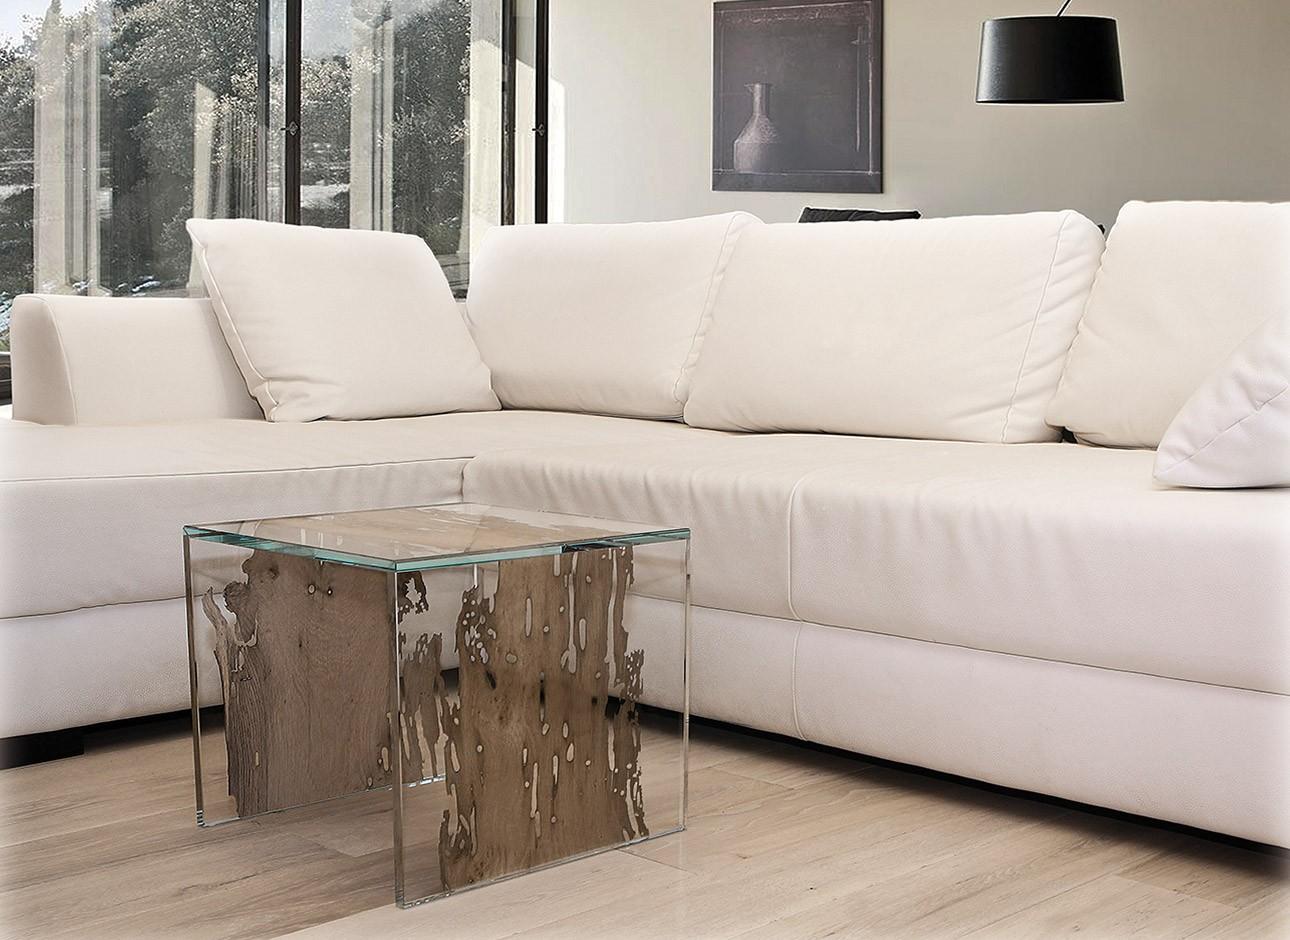 Tavolino CONTINUO by BRICALE™ - Vetro e legno di briccola veneziana